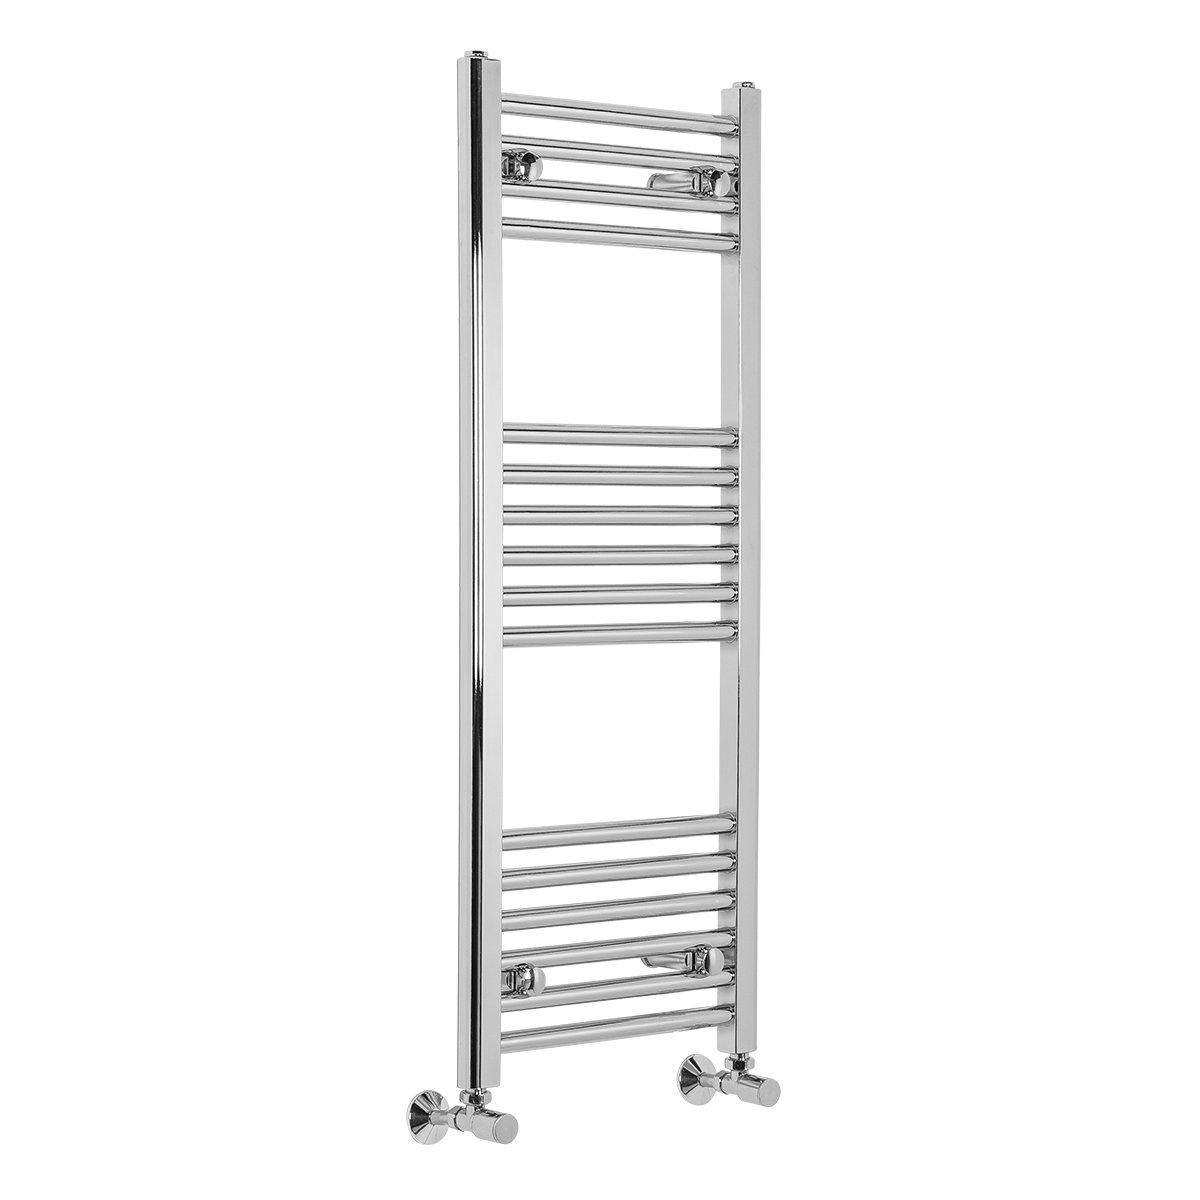 Bathroom Heated Towel Rail Radiator Chrome Straight Ladder